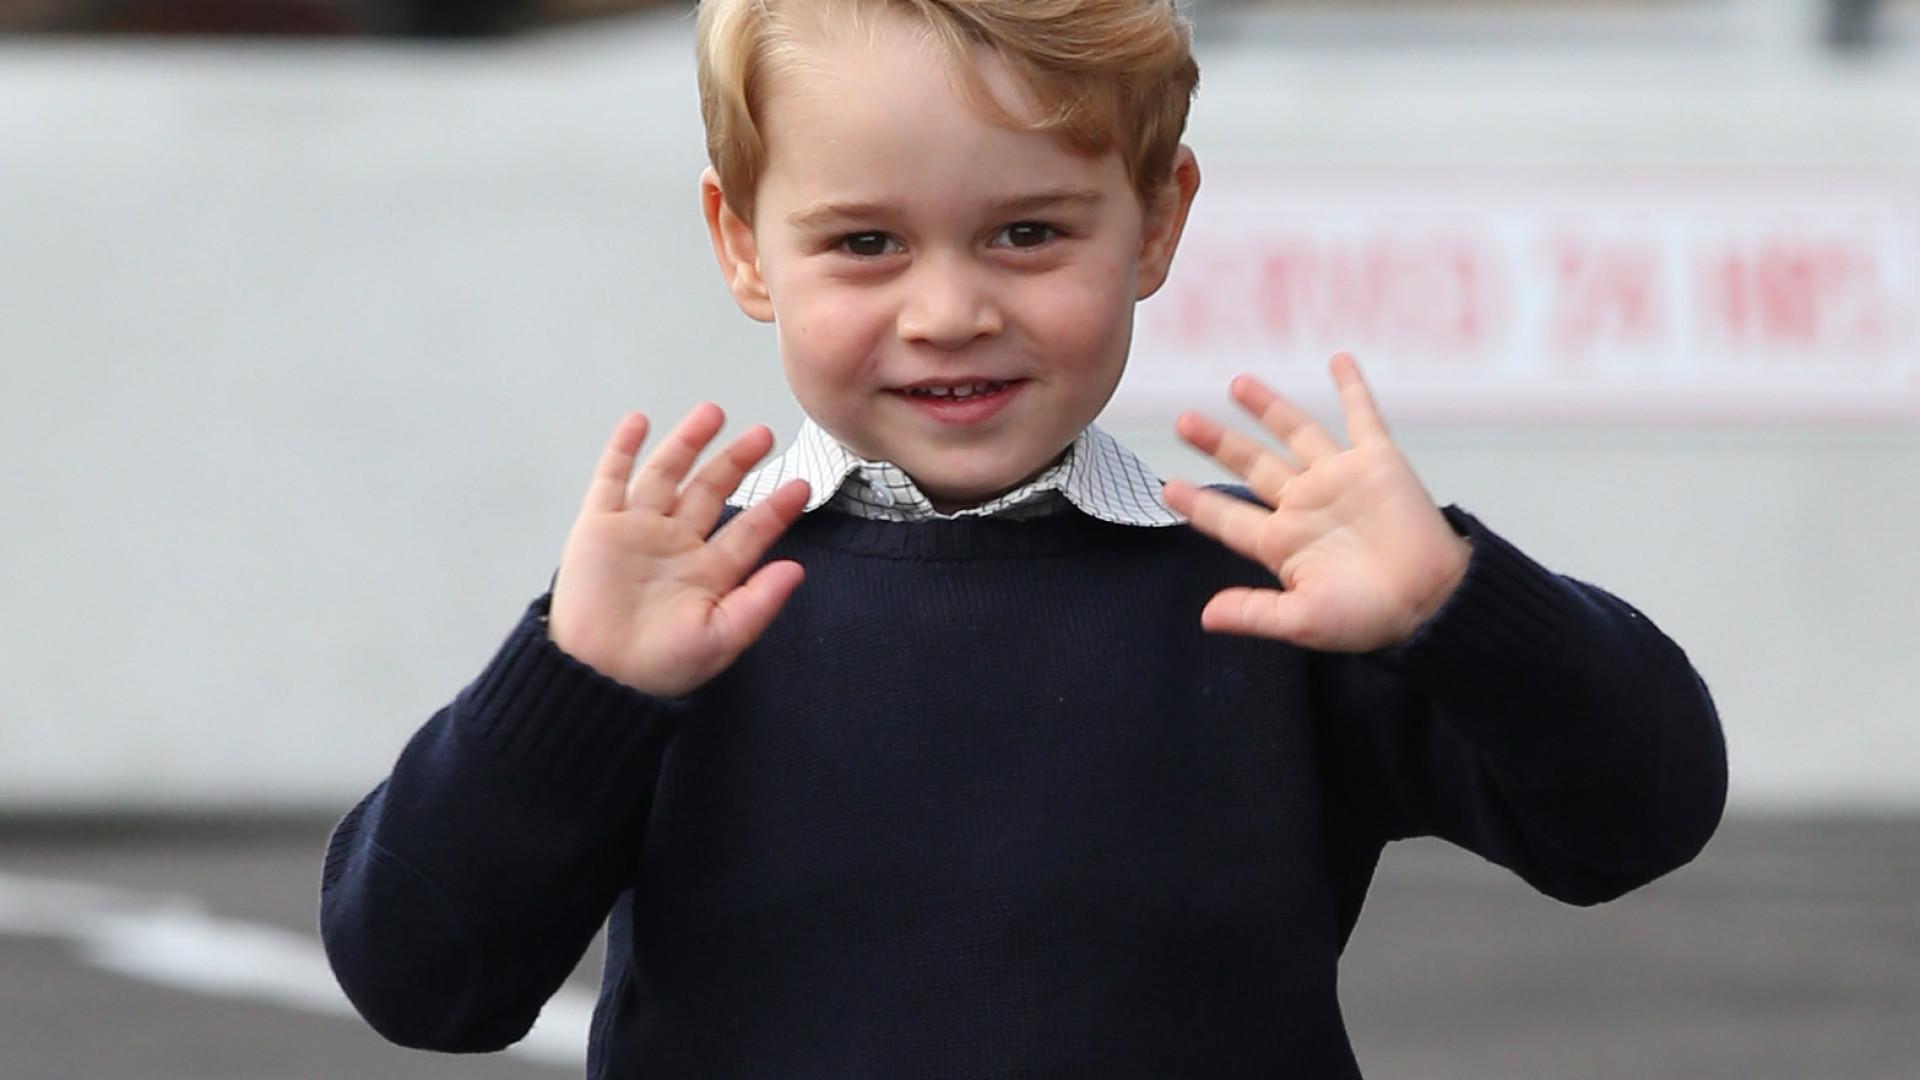 Príncipe William revela passatempo favorito da filha Charlotte